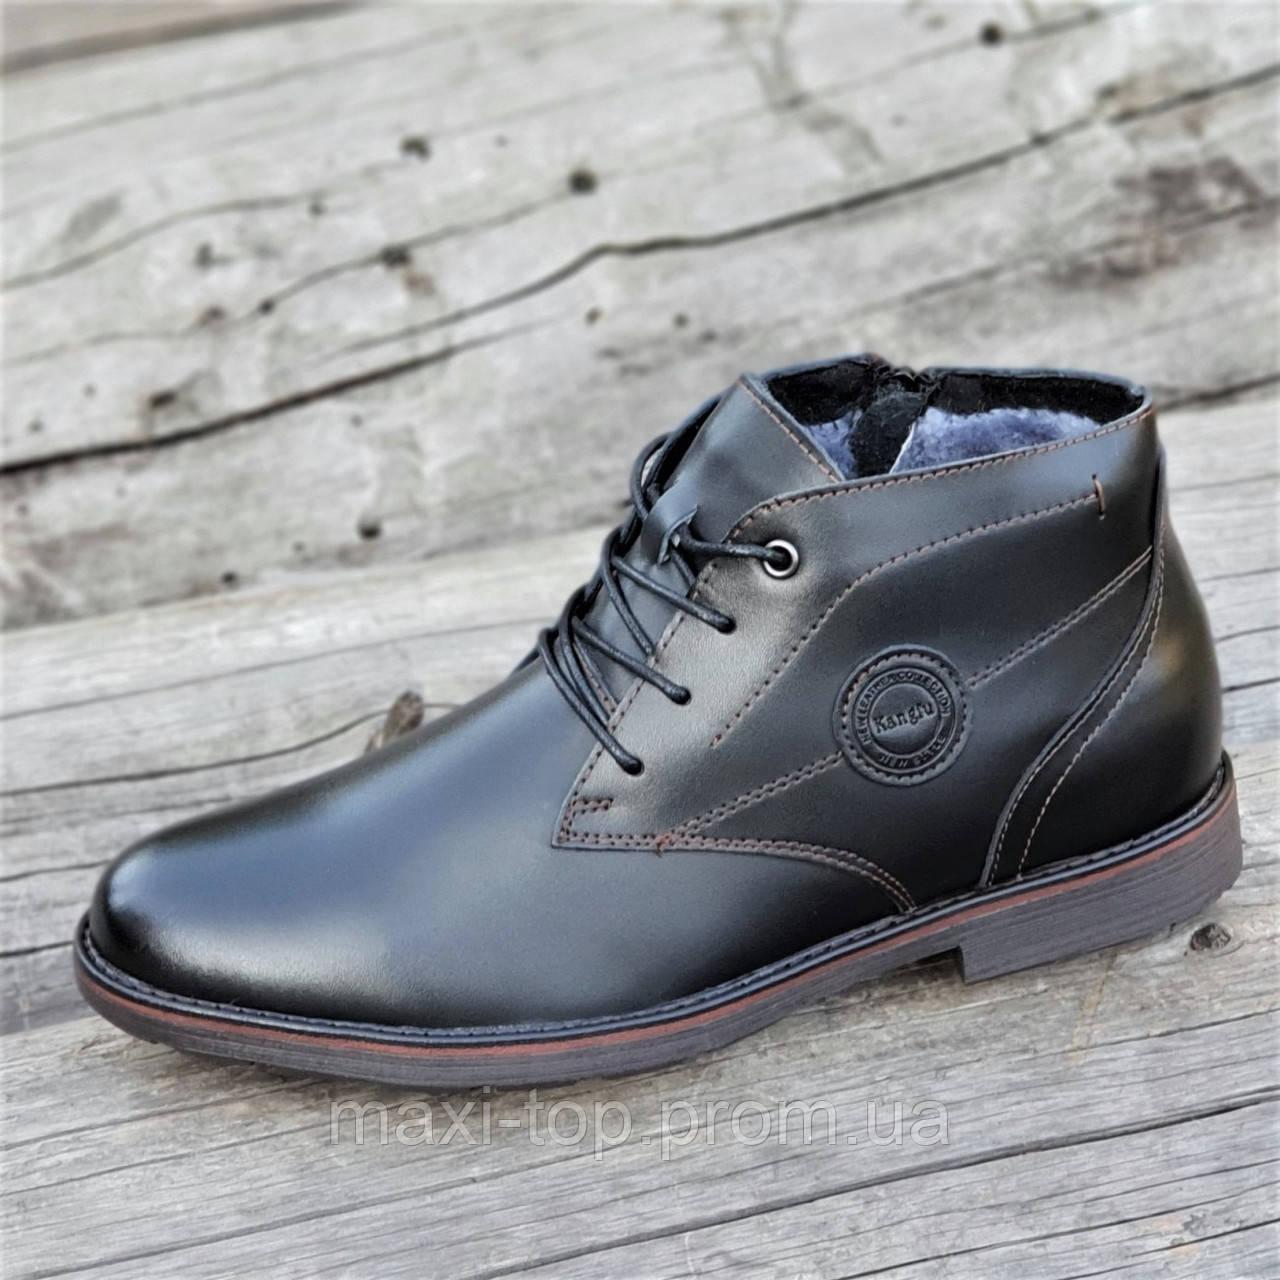 ed9716236 Зимние классические мужские ботинки, полусапожки на молнии и шнурках  кожаные черные на меху (Код